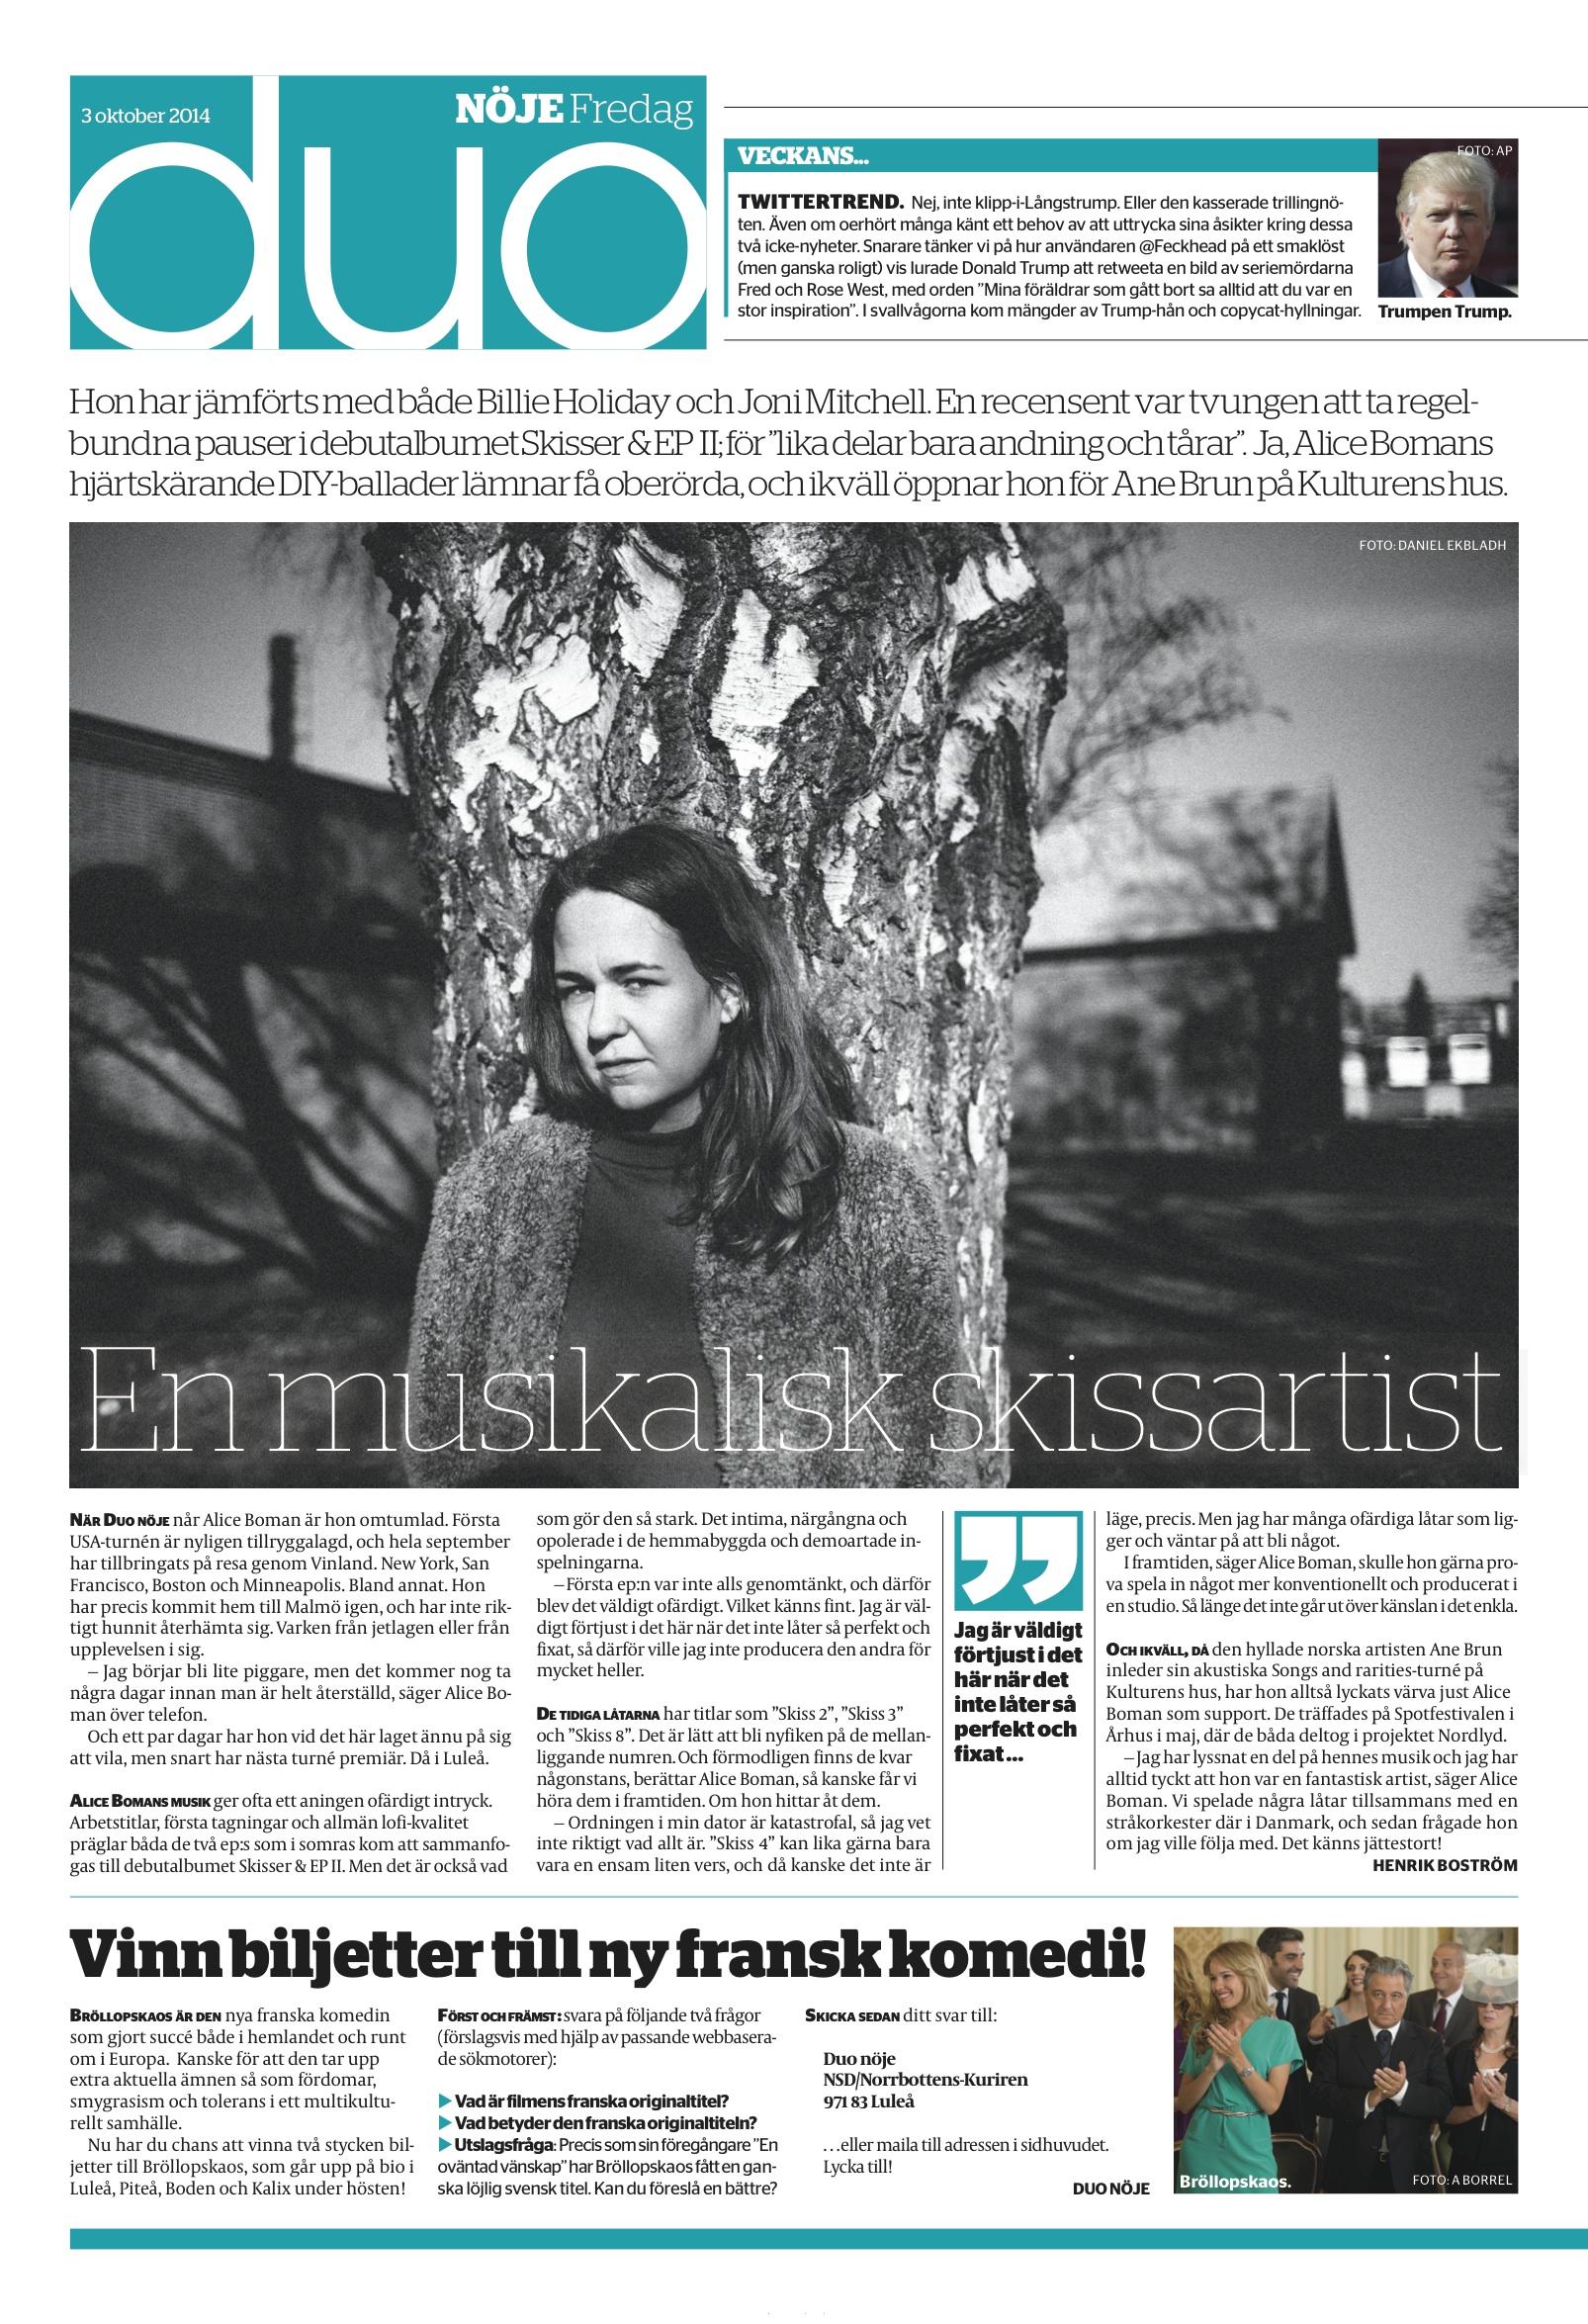 NSD intervju - Alice Boman.jpg